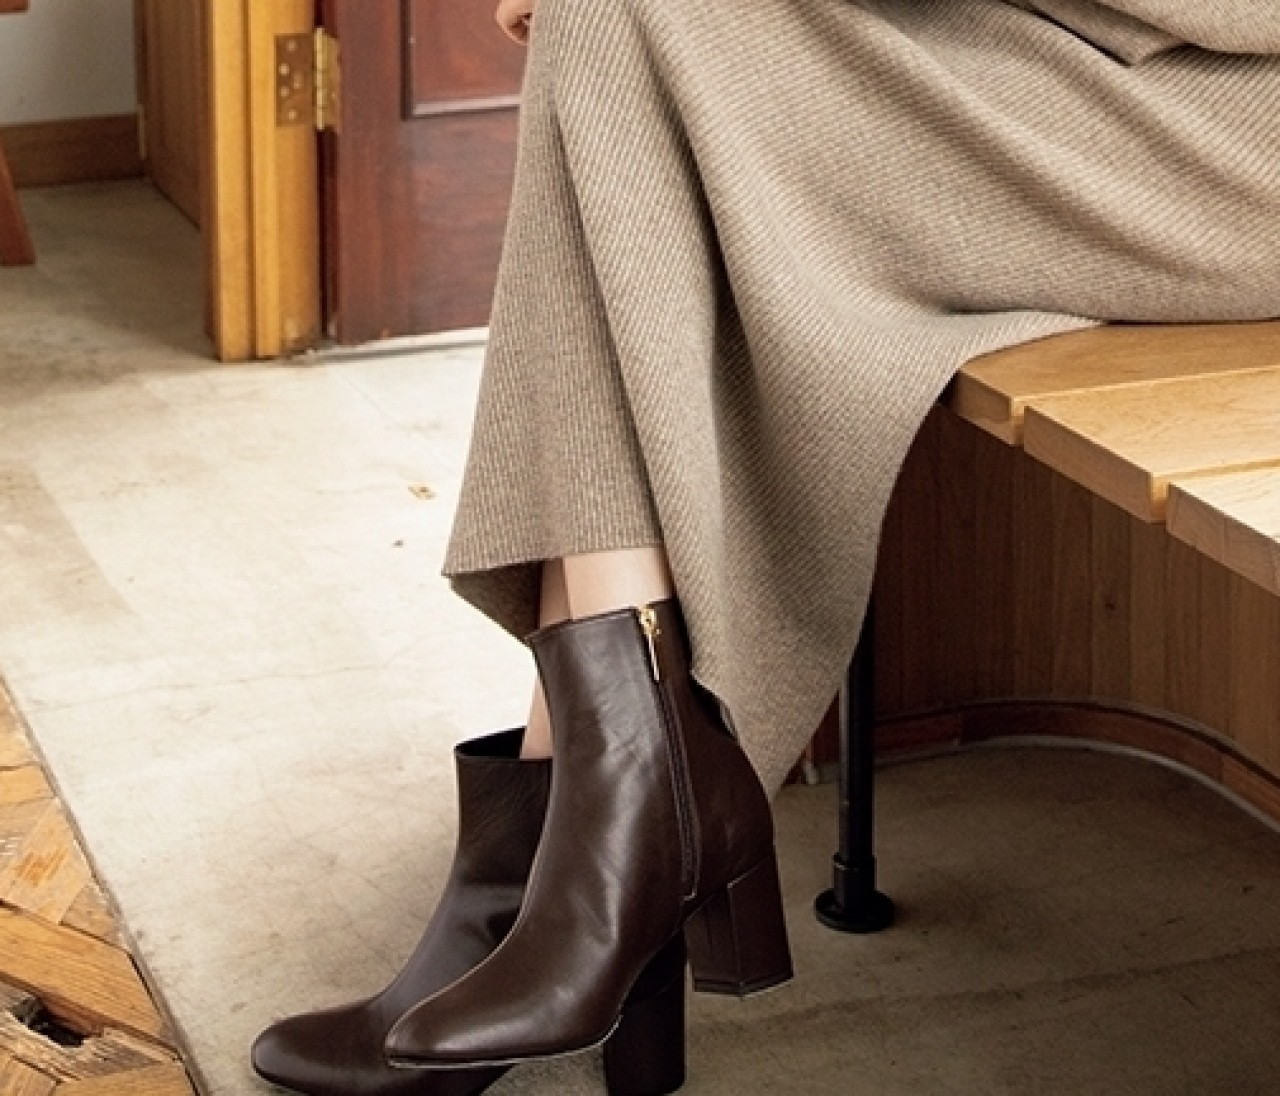 【ブラウン系ブーツ】今秋のブラウンコーデになじむショートブーツ10選